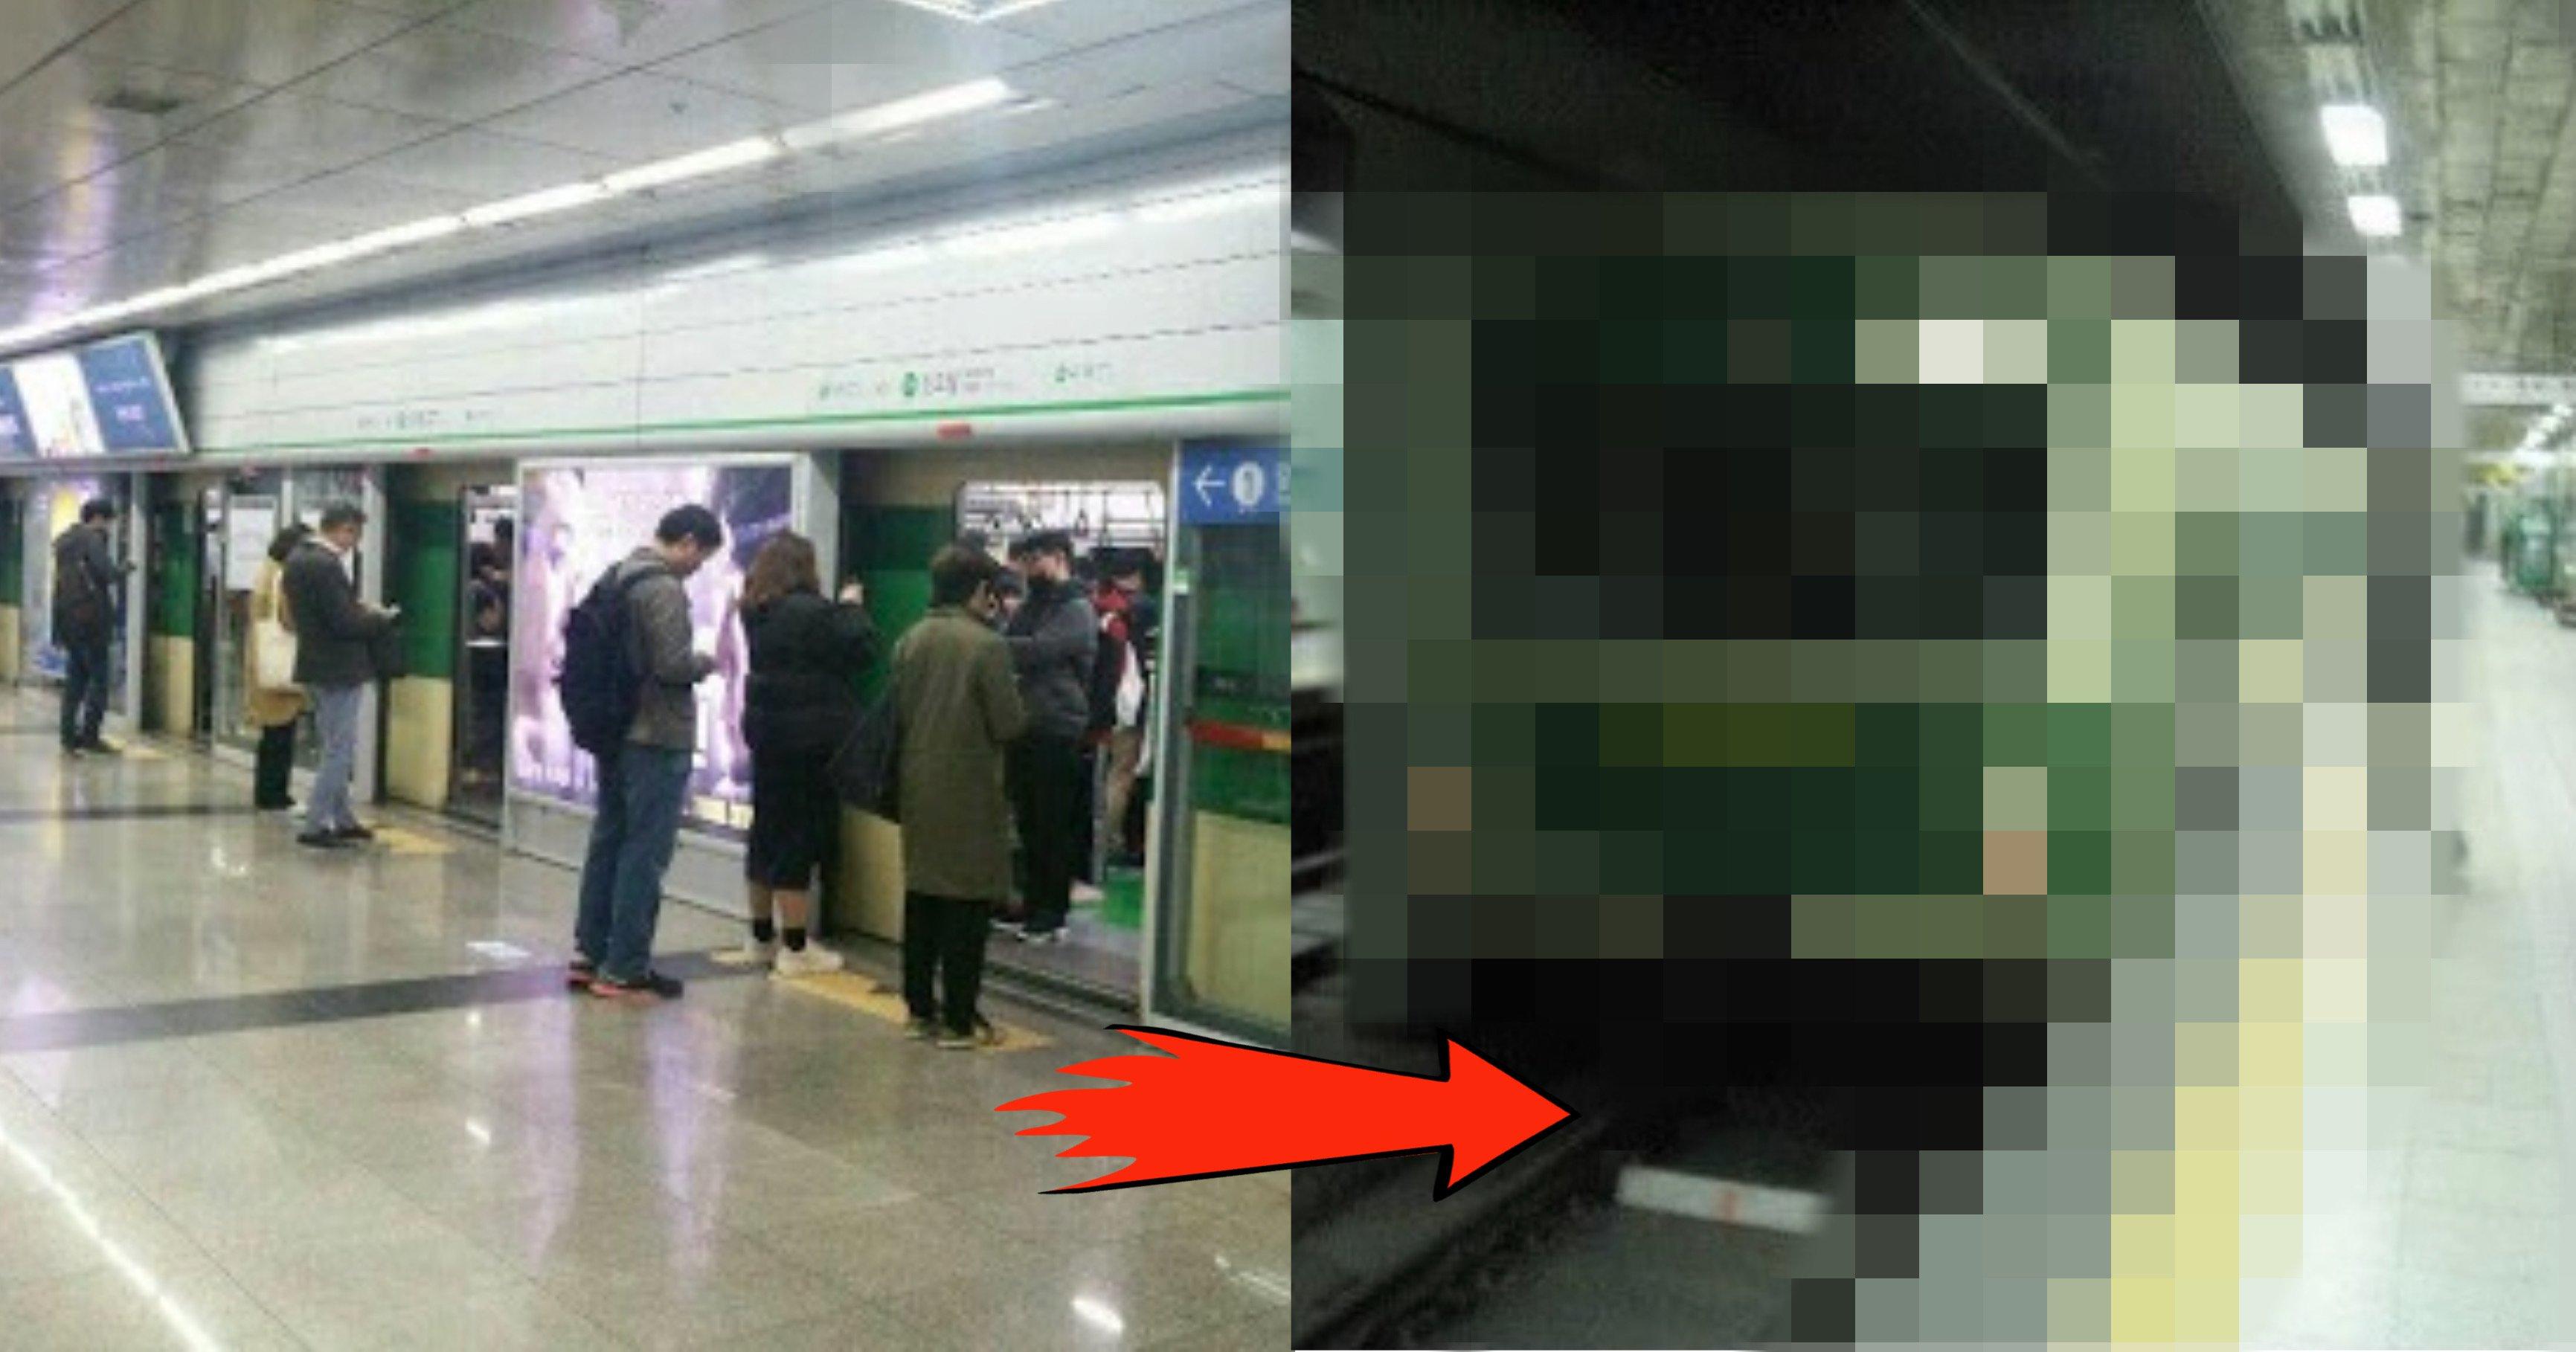 """73cb4ea2 081d 41f6 a9ea f5167f618bb1.jpeg?resize=1200,630 - """"옛날 사람들은 무서워서 지하철 어떻게 탔음?""""..요즘 애들은 쫄보라 절대 못 탄다는 옛날 지하철 근황.jpg"""